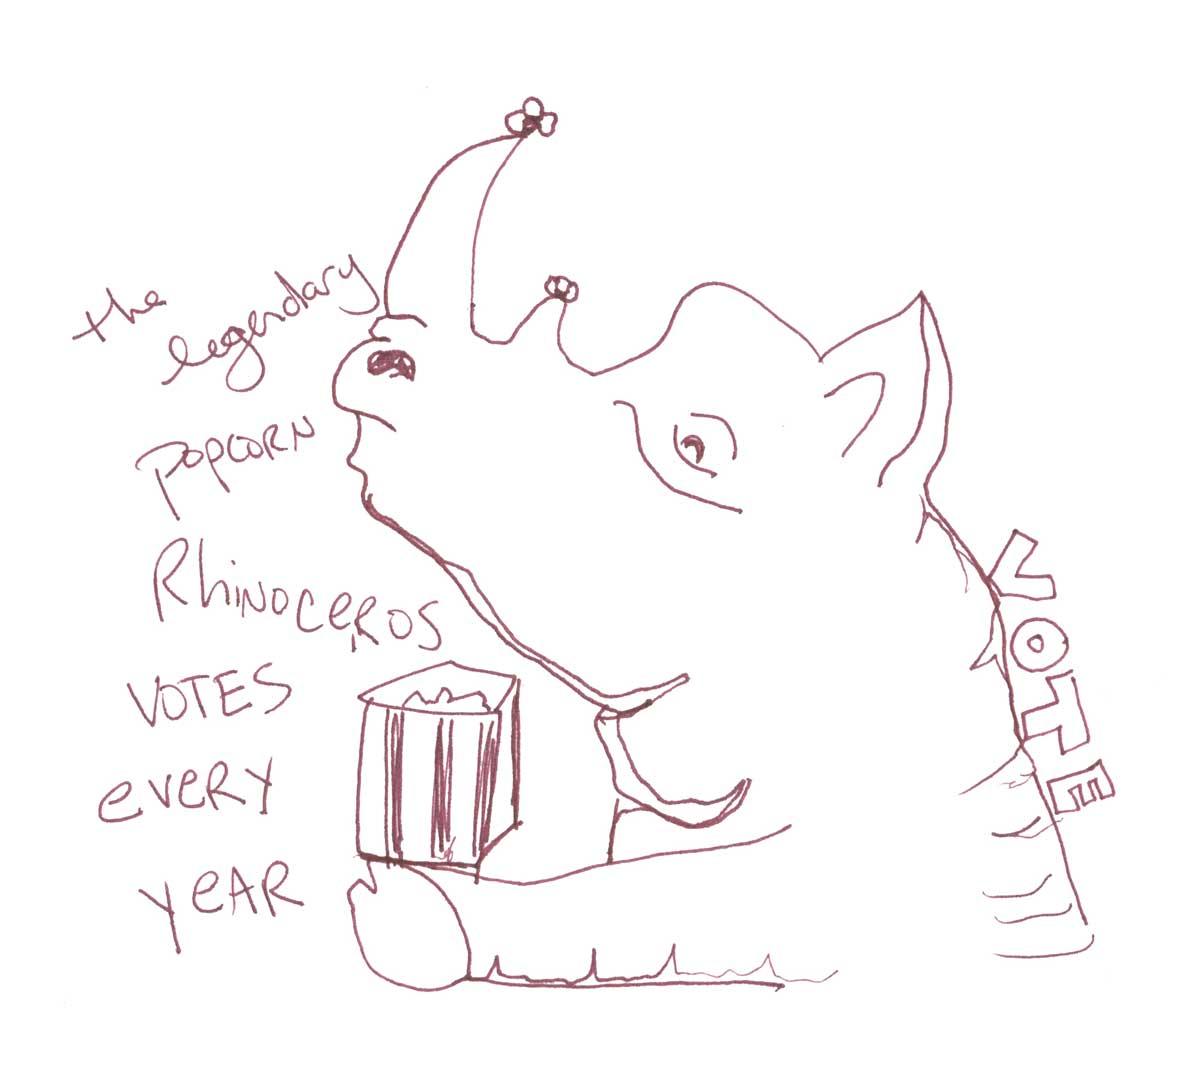 popcornrhinocerous